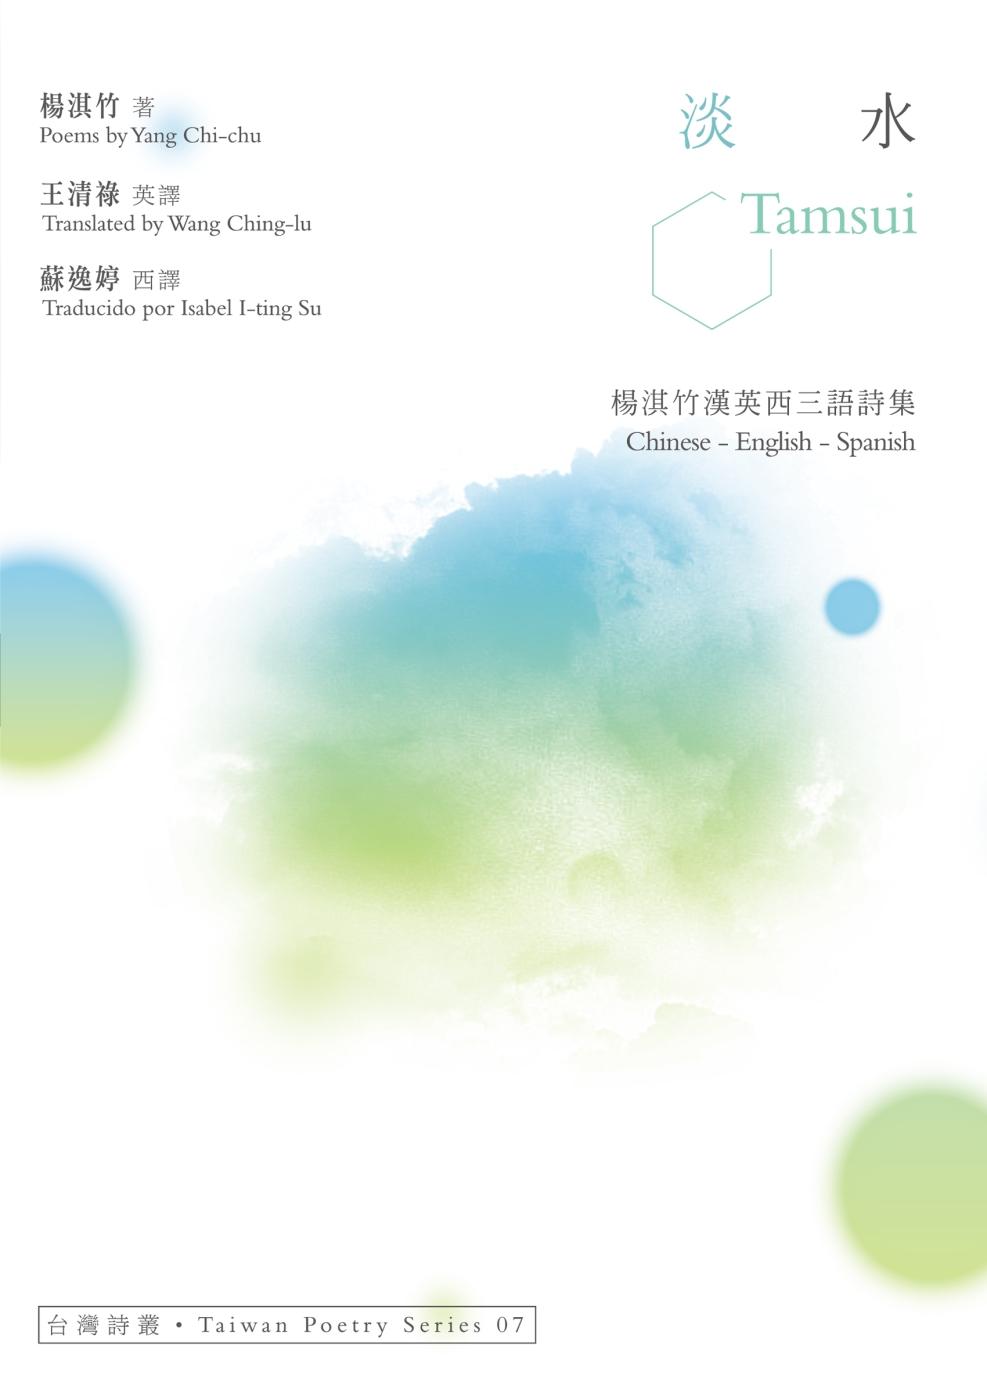 淡水 Tamsui:楊淇竹漢英西三語詩集